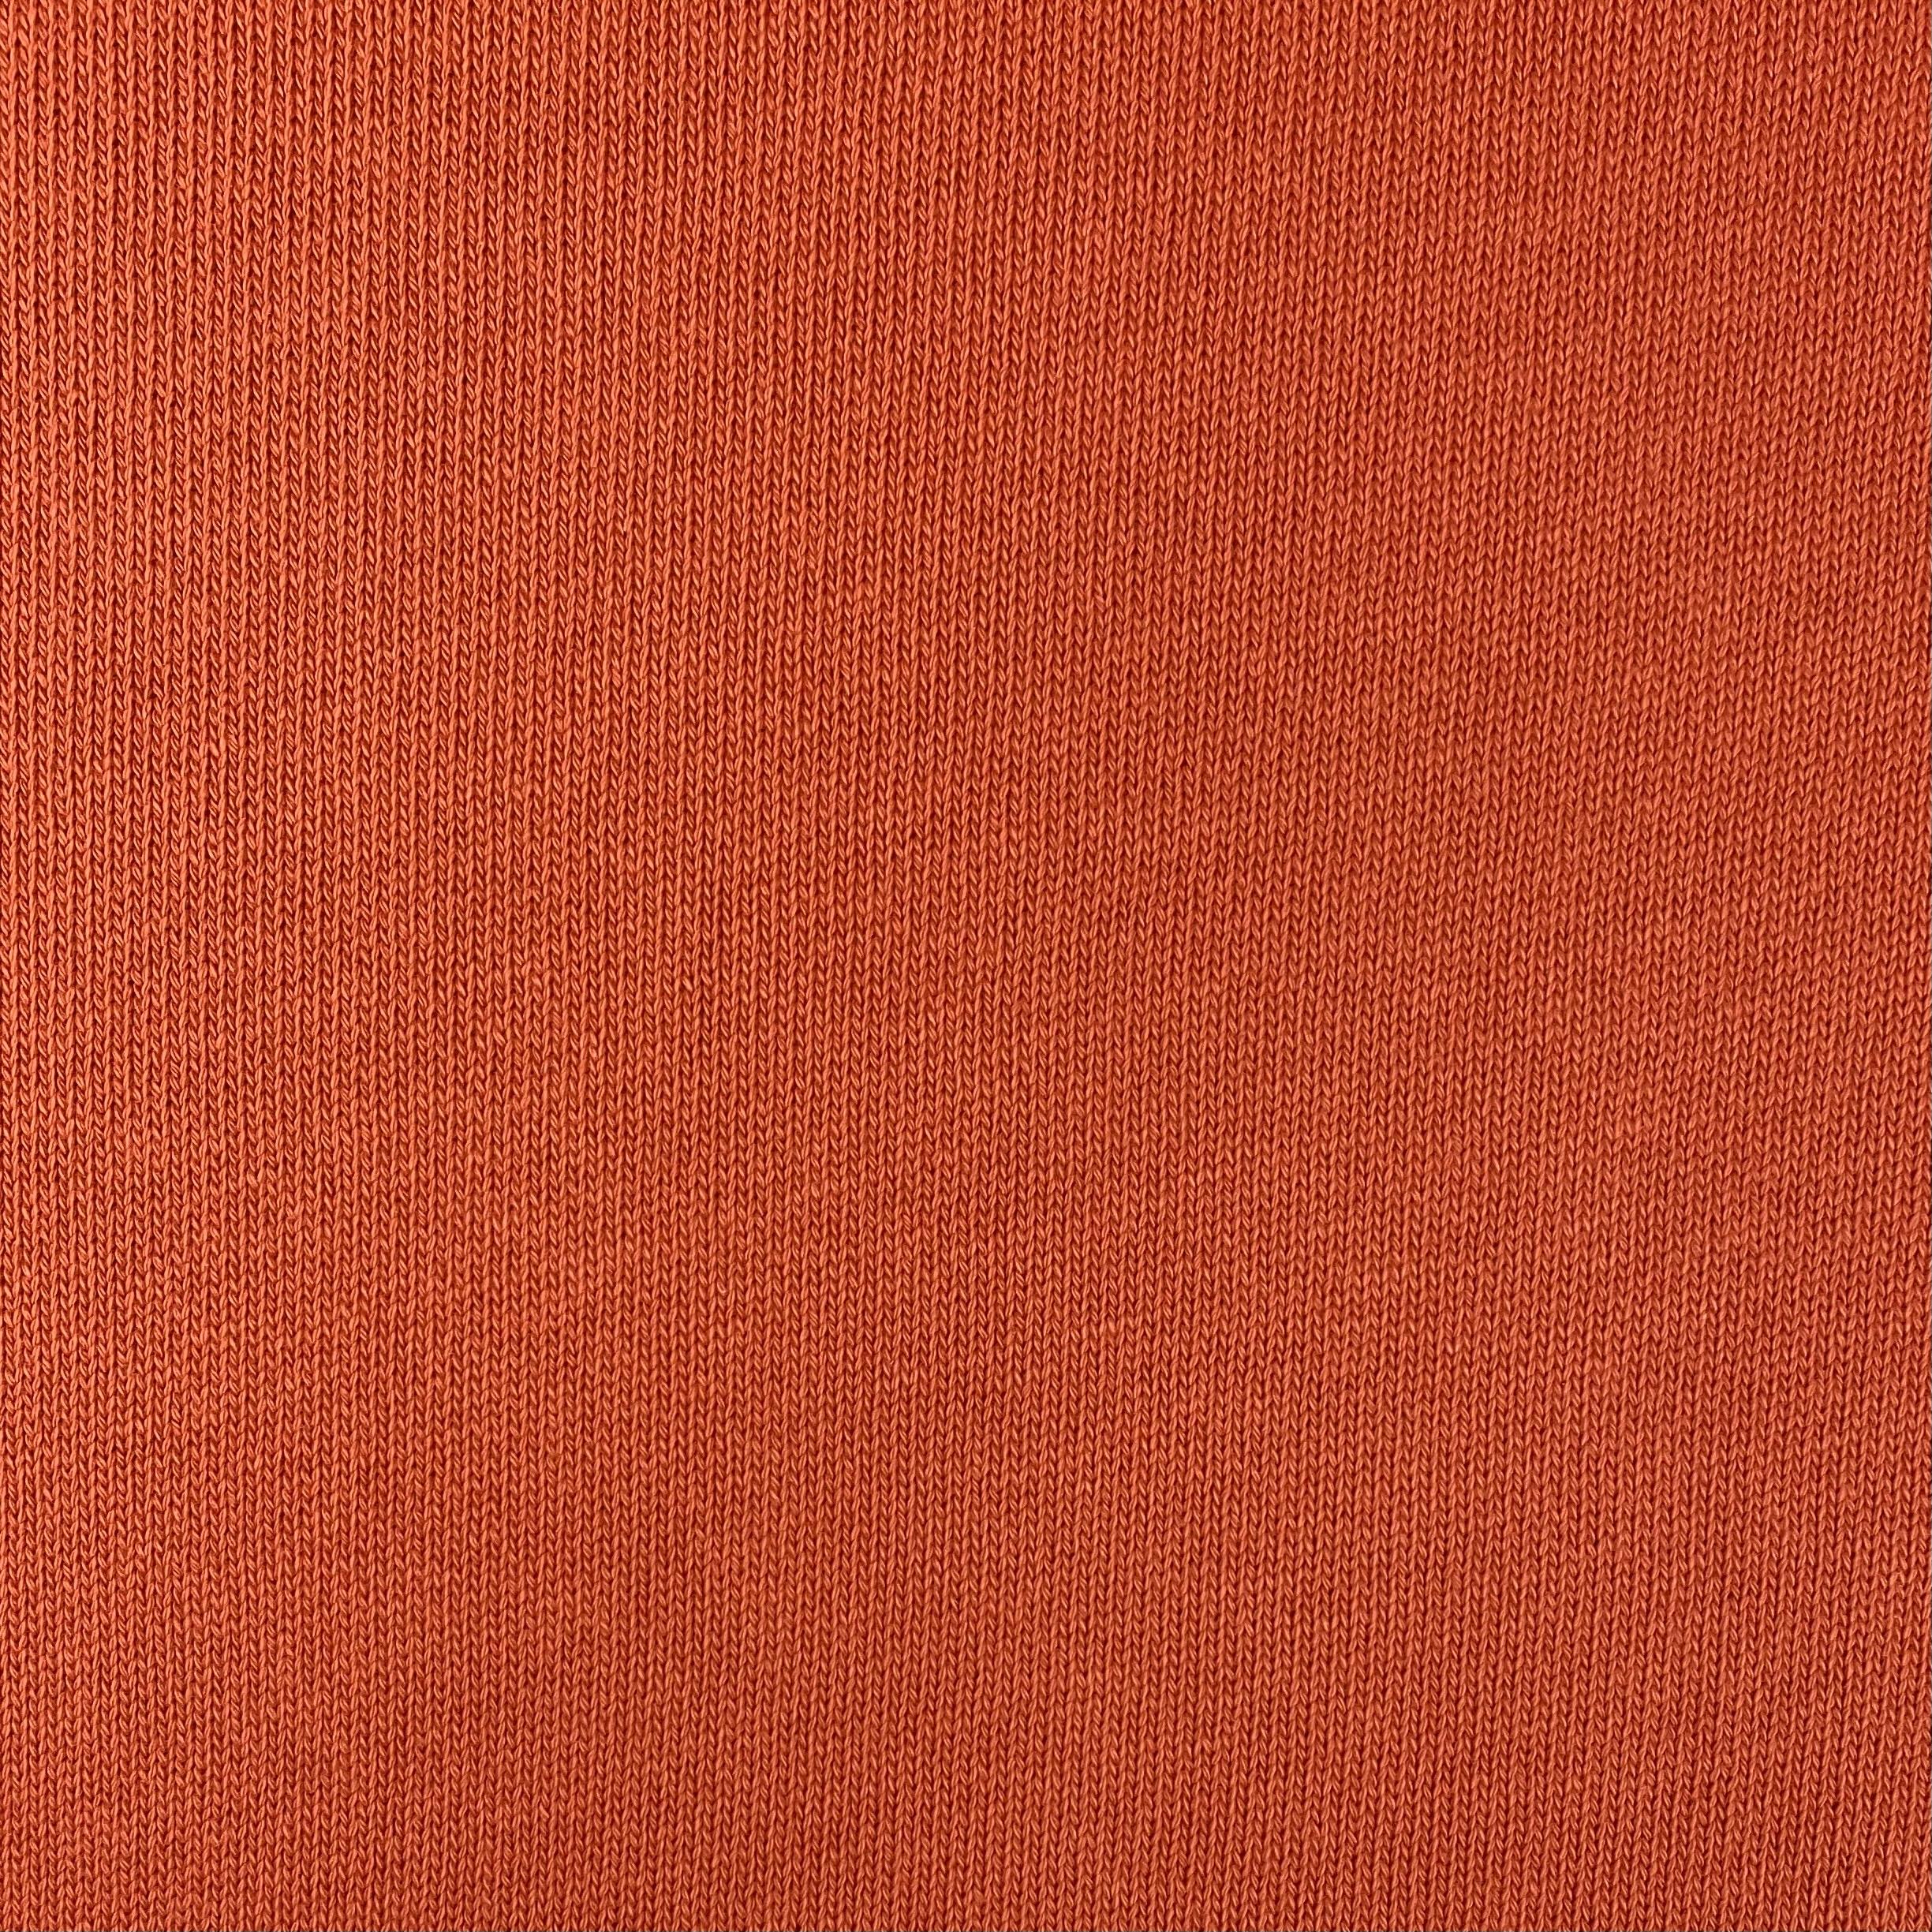 Feiner Strickstoff, Baumwolle rostrot. Art. 4199-62